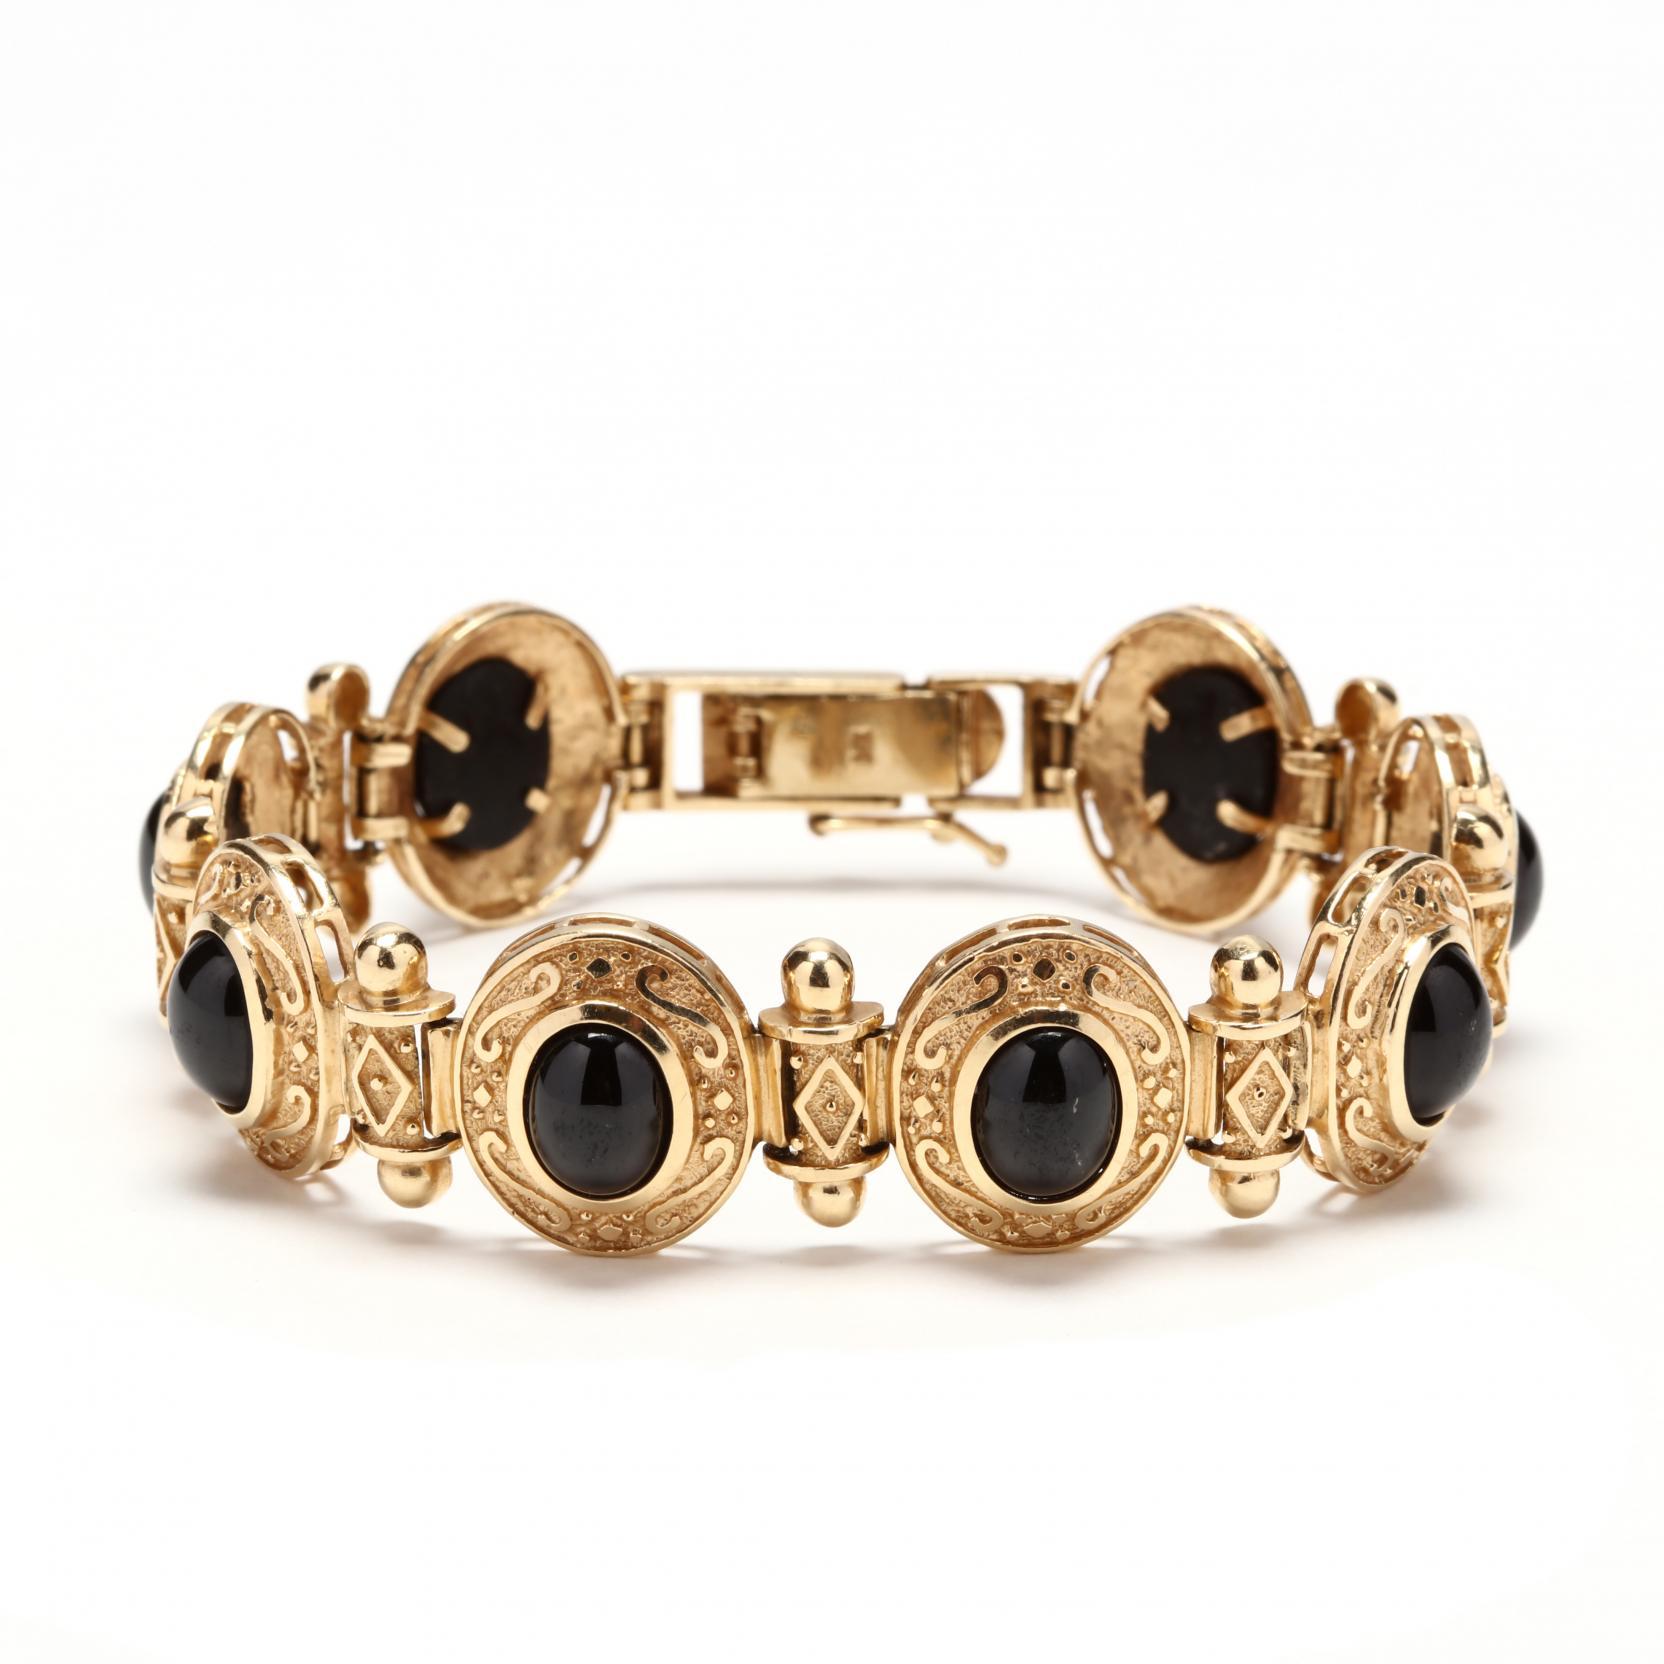 14kt-gold-and-onyx-bracelet